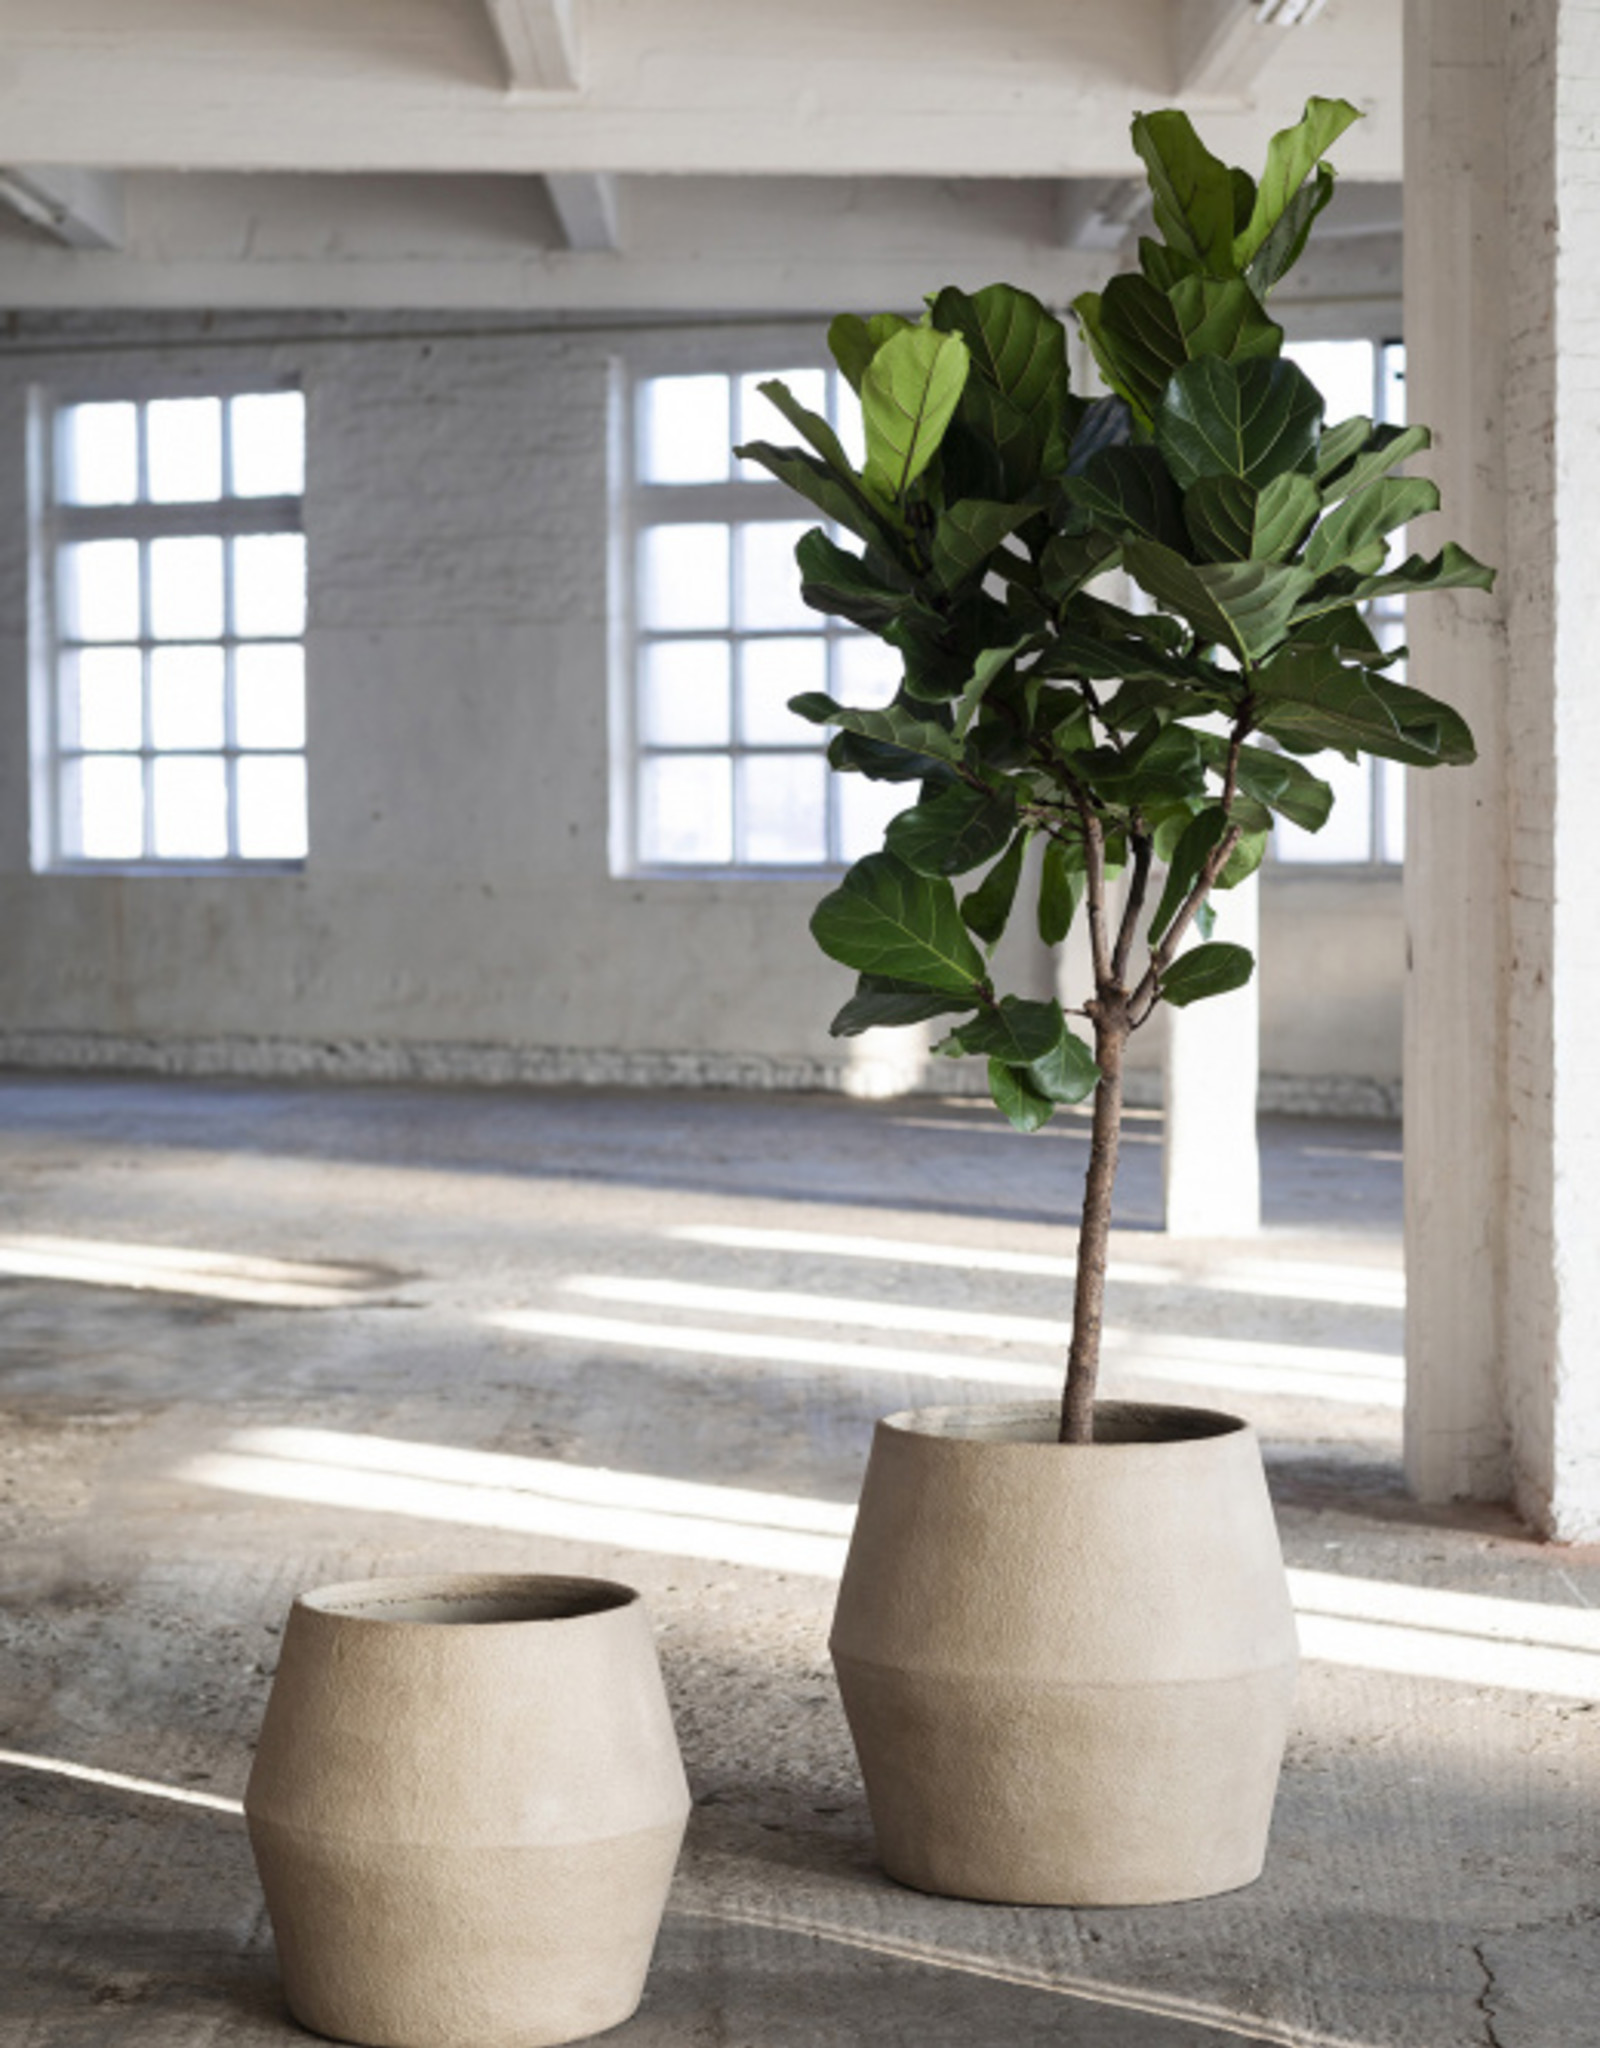 Serax pot 'Construct' by Marie Michielssen